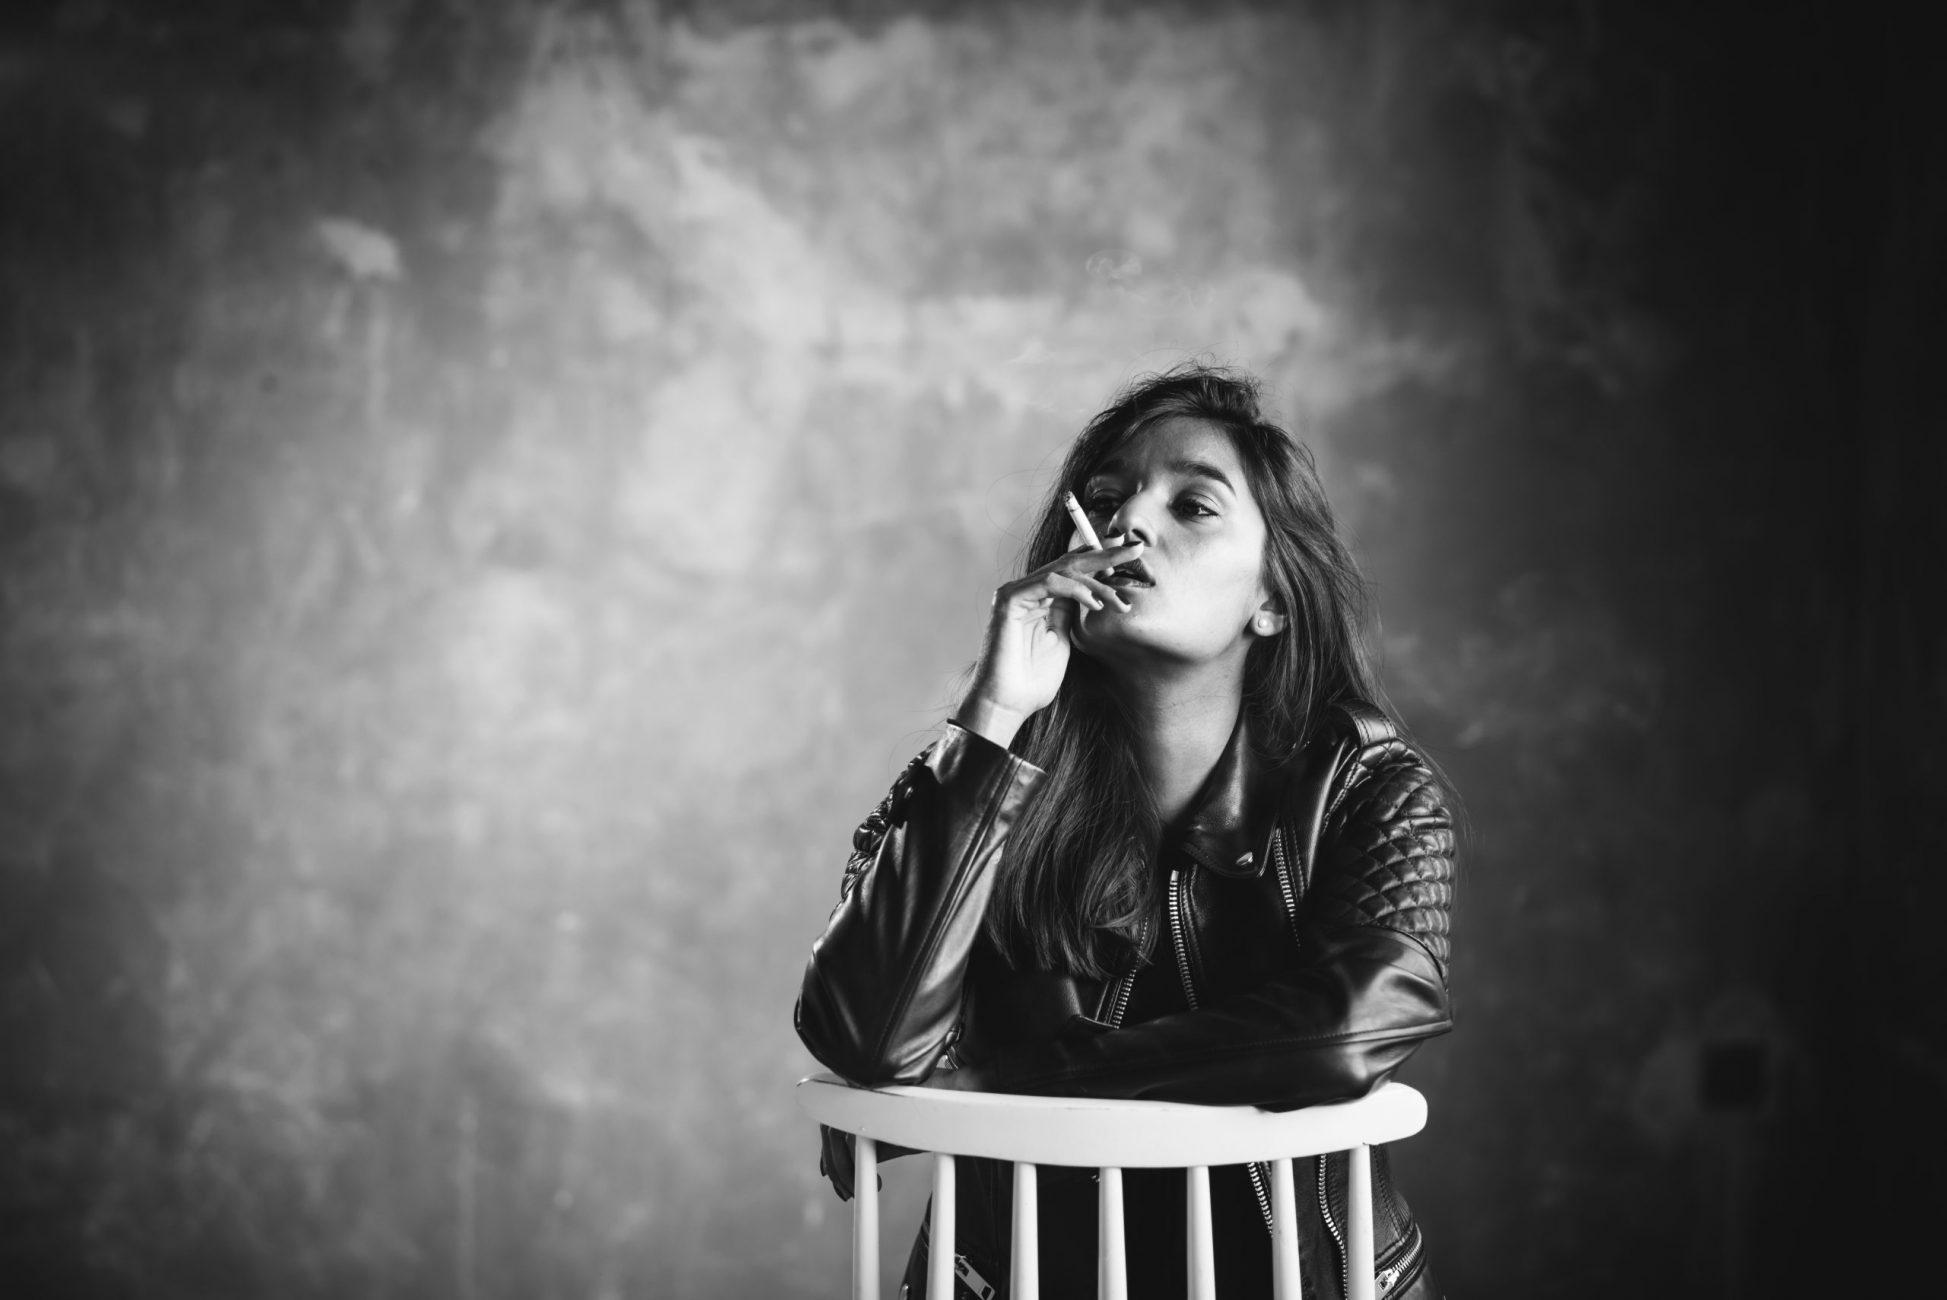 Charismatische und aussagekräftige Portraitbilder und Portraitfotos von der Portraitfotografin Julia Aßmann in Hamburg, Jork, Stade, Buxtehude, Altes Land